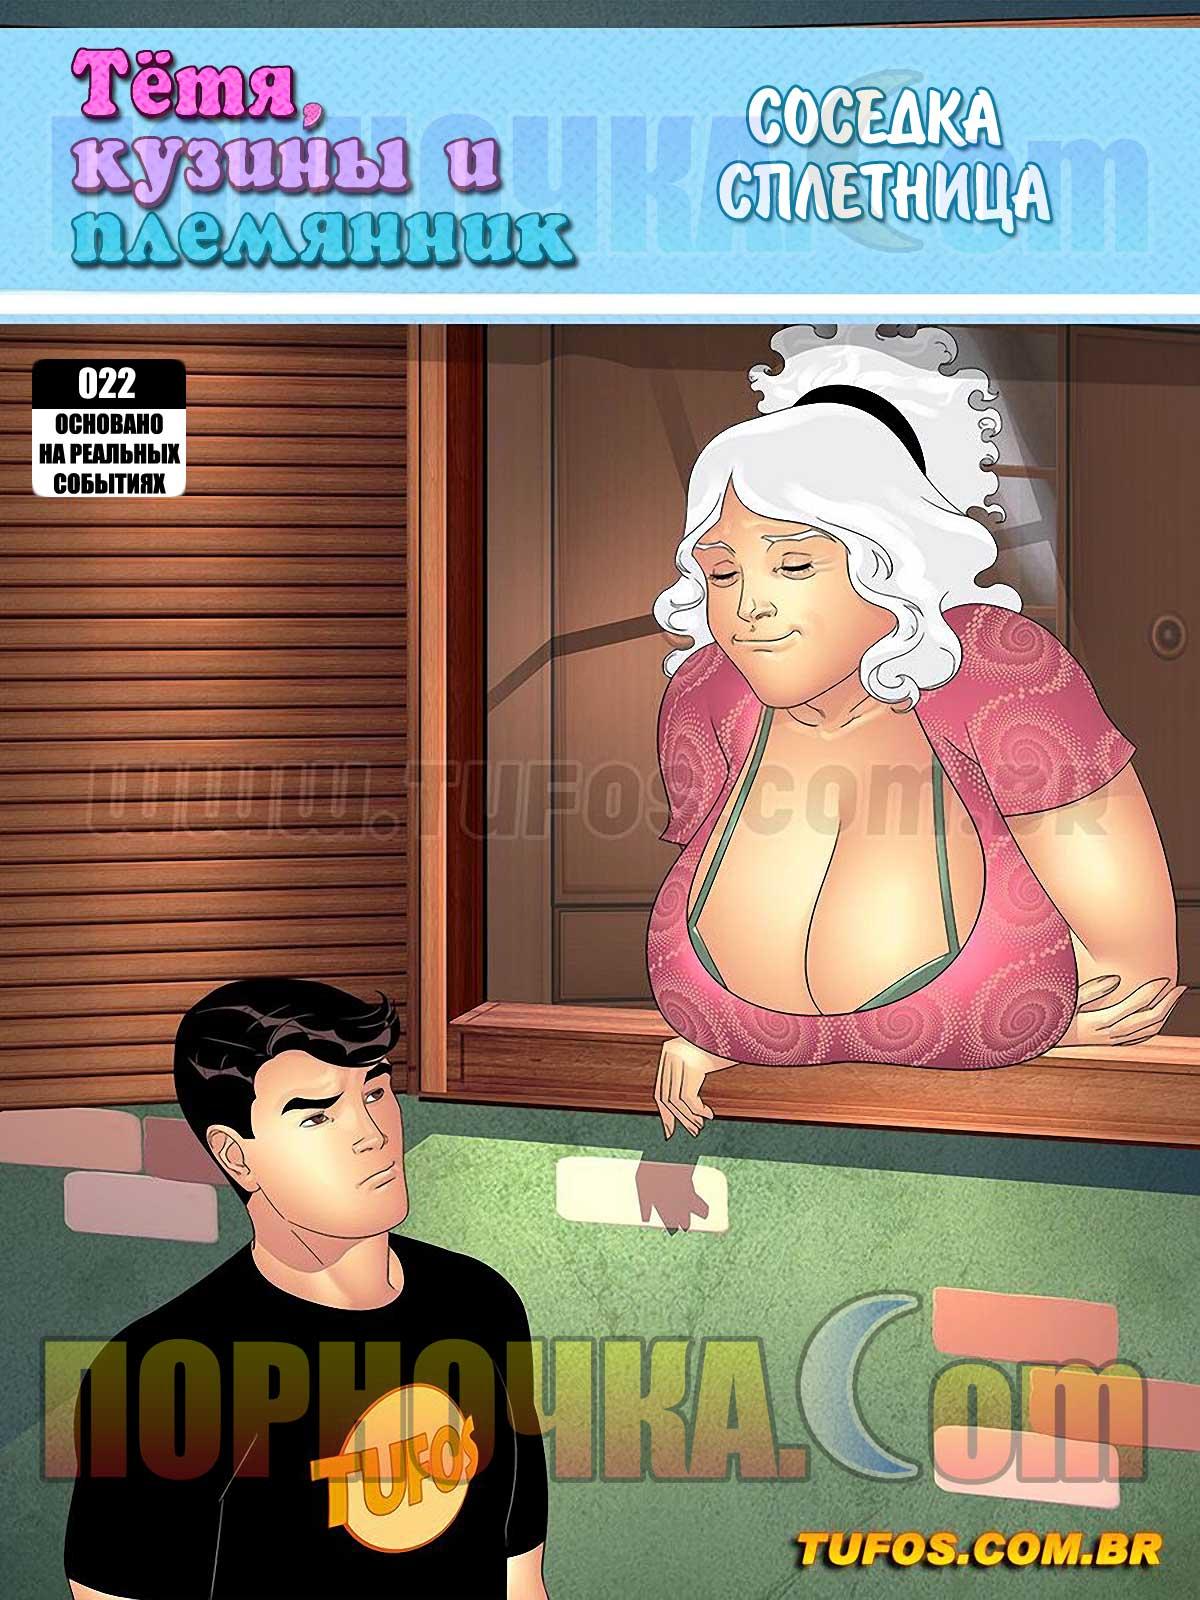 порно комикс тетя кузины и племянник 22